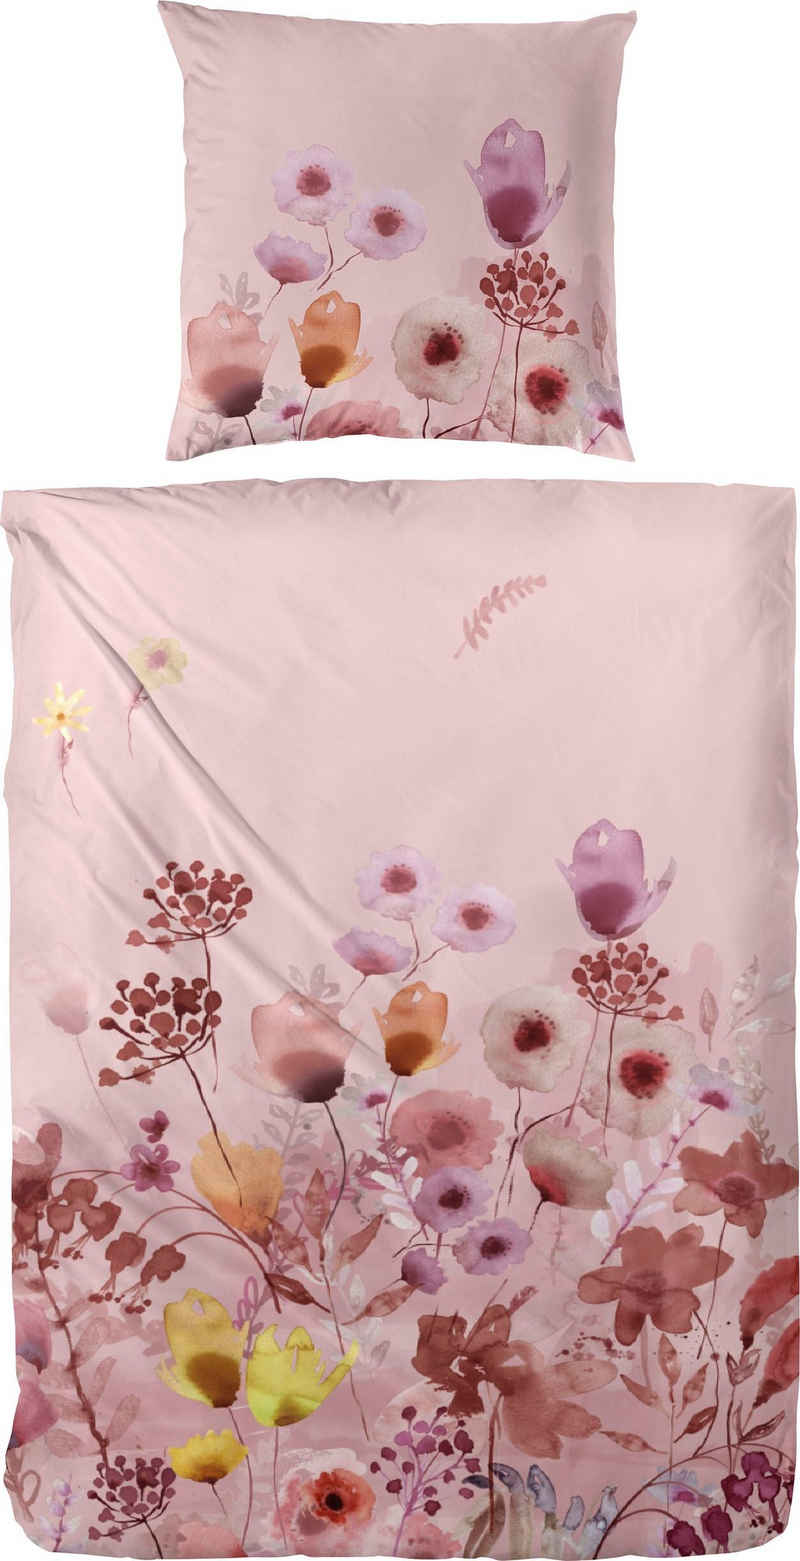 Bettwäsche »Edelflanell-Bettwäsche Bloom«, Primera, Mit einem liebliche Blumenprint